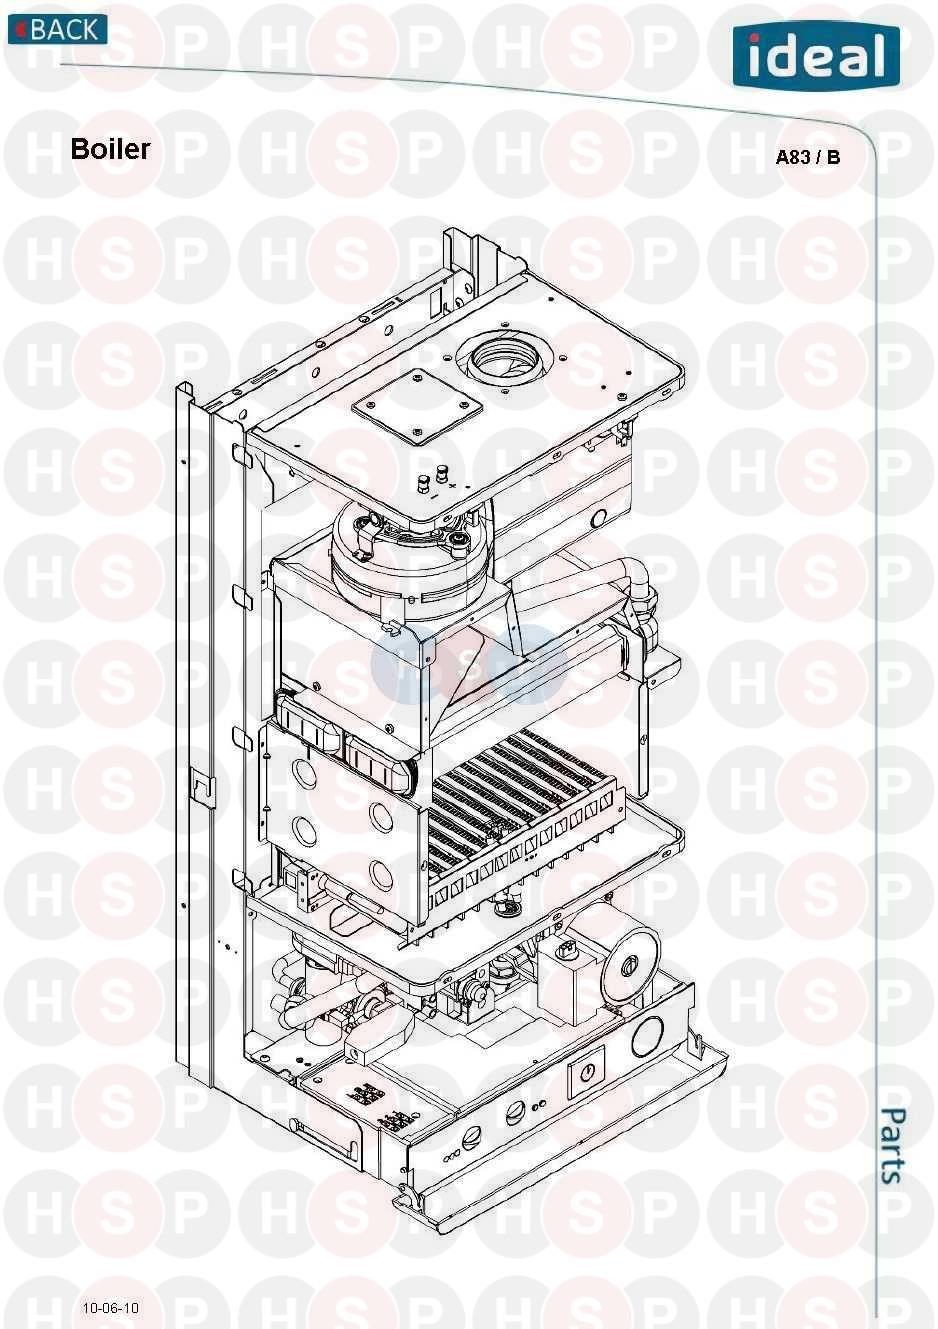 ideal mini he c24 boiler diagram  boiler